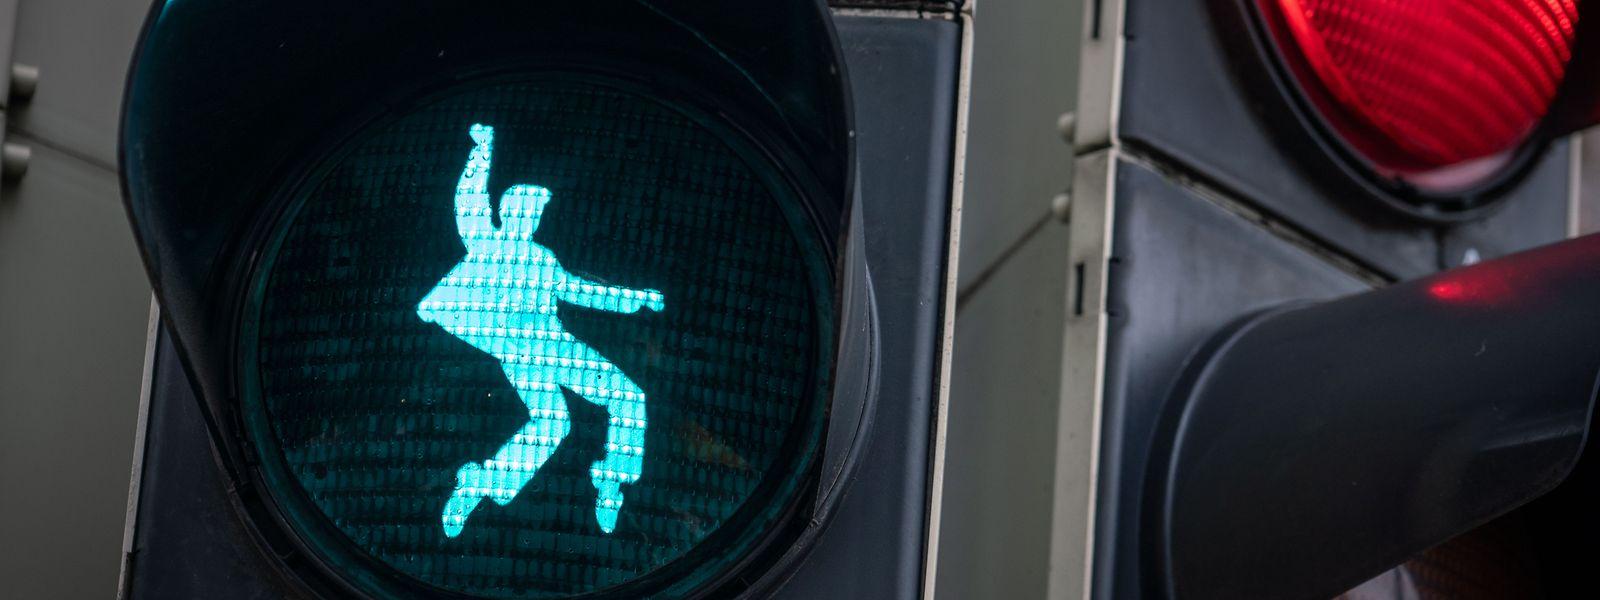 So tanzt nur einer: In Friedberg, in Hessen, regt Elvis Presley die Fußgänger zum Überqueren der Straße an. In der Stadt absolvierte der US-Musiker seinen Militärdienst.